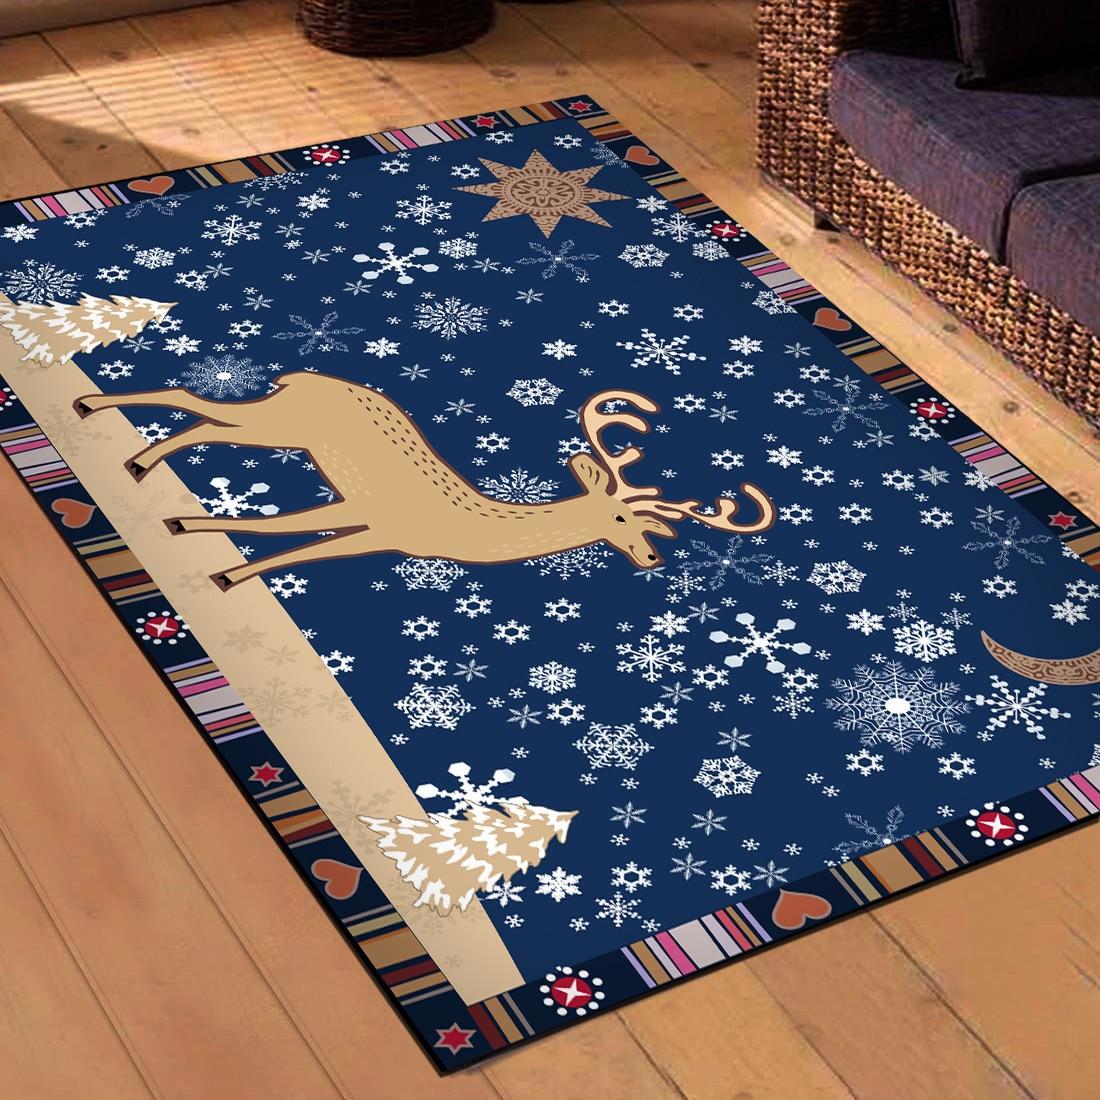 Bedroom Carpet Online Toddler Bedroom Door Gate Bedroom Ceiling Design 2017 Elephant Bedroom Decor: Cartoon Modern Fashion Deer Large Area Rug Living Room